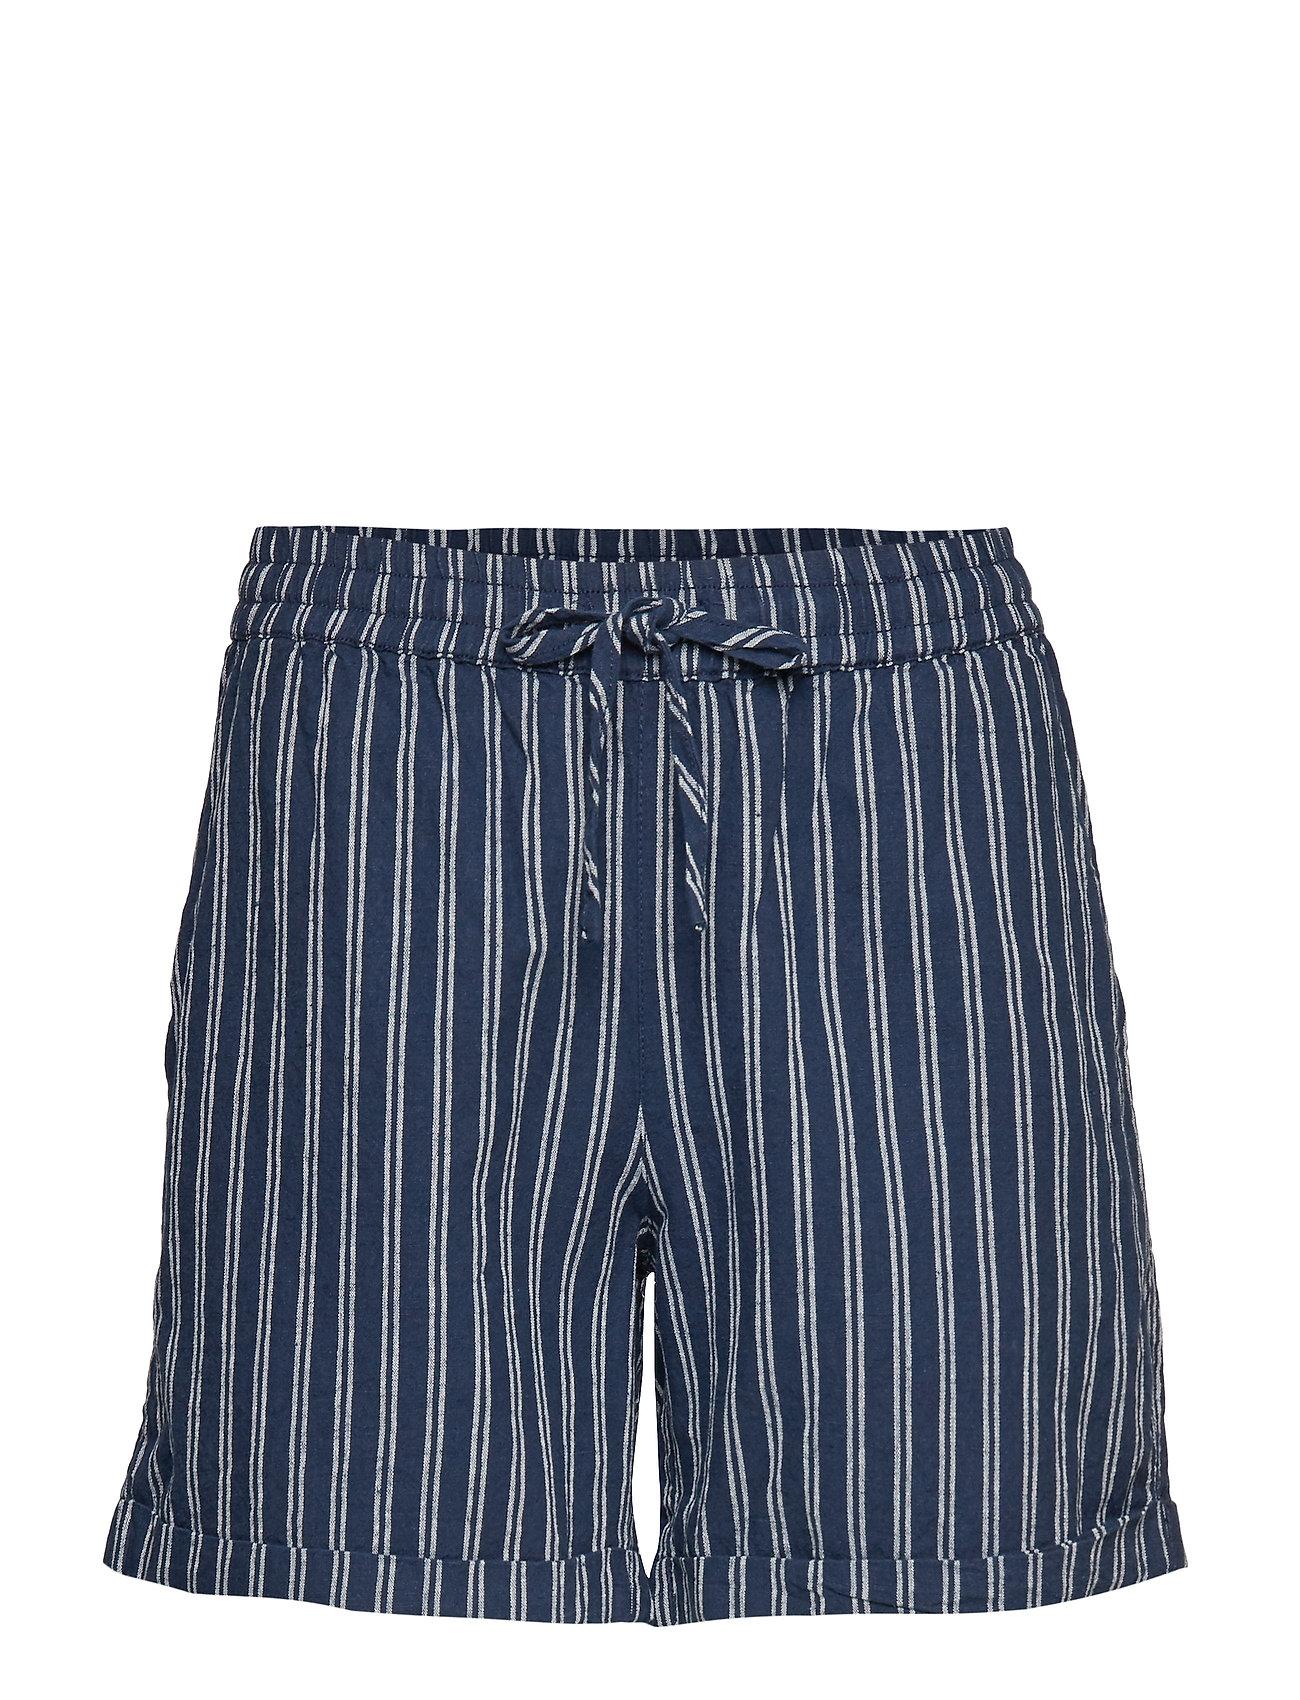 Signal Shorts - DUKE BLUE